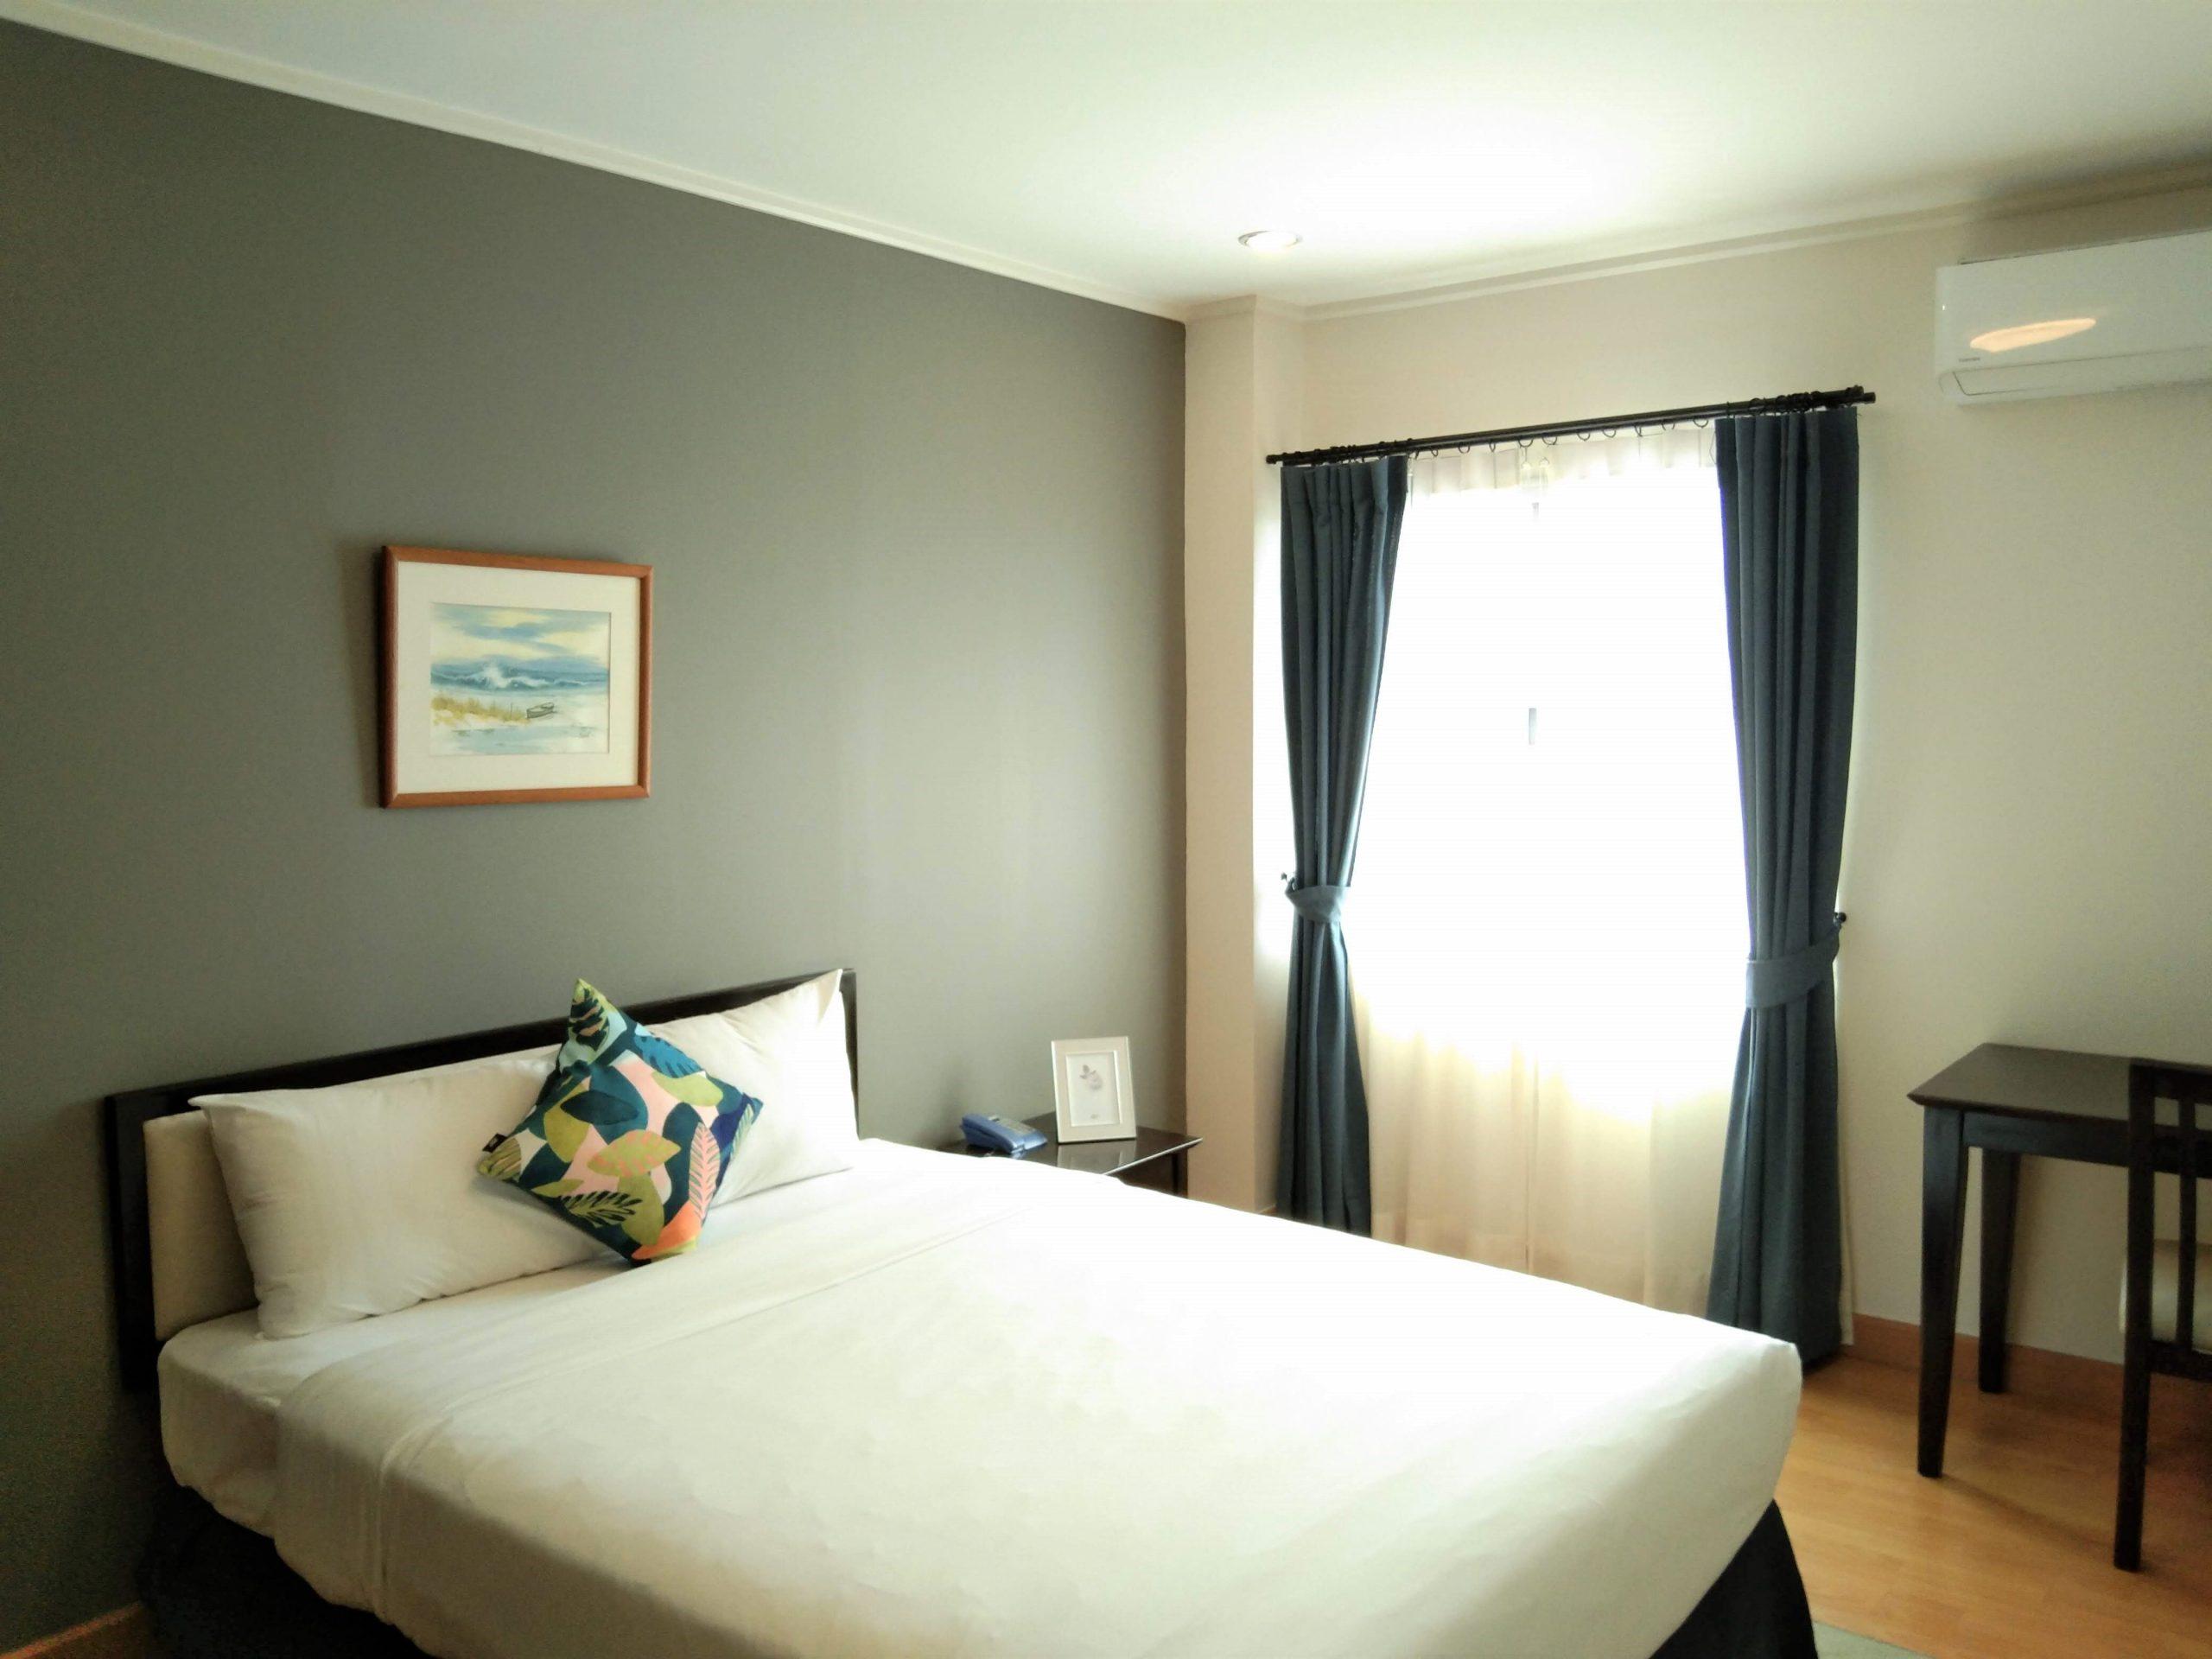 グリーンライフ サービスアパート 単身者向け1ベッドルーム